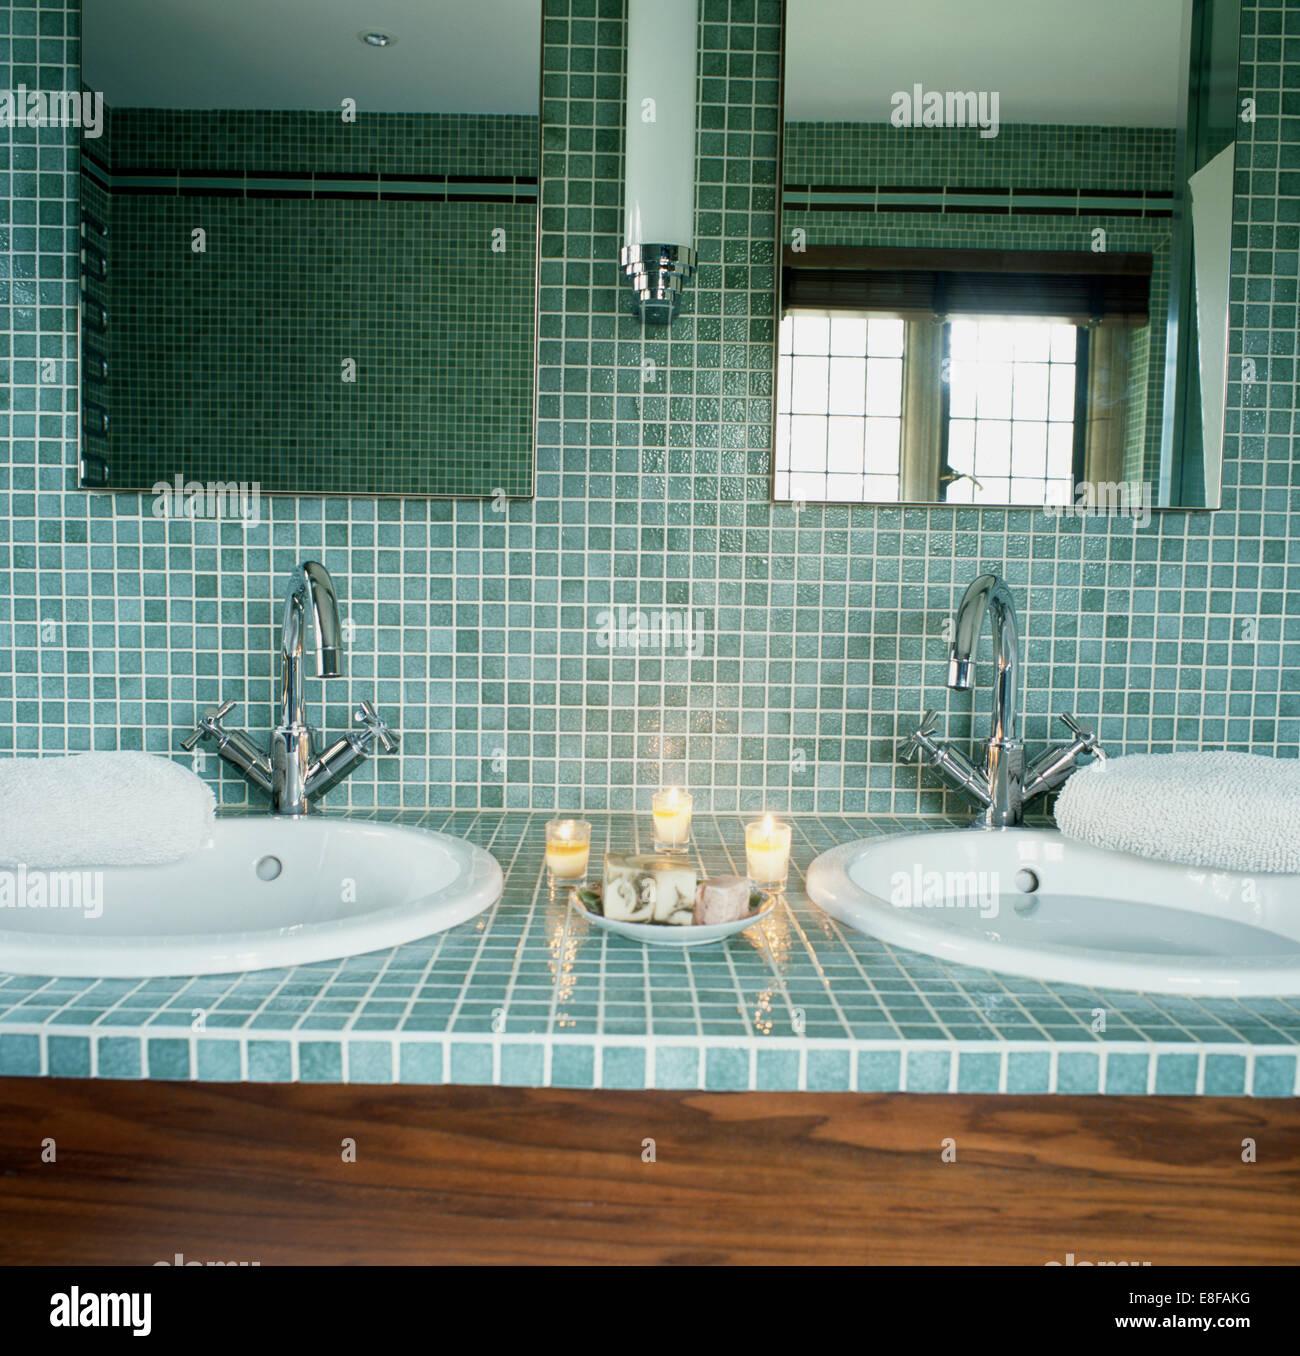 Circular Tiling Stock Photos & Circular Tiling Stock Images - Alamy